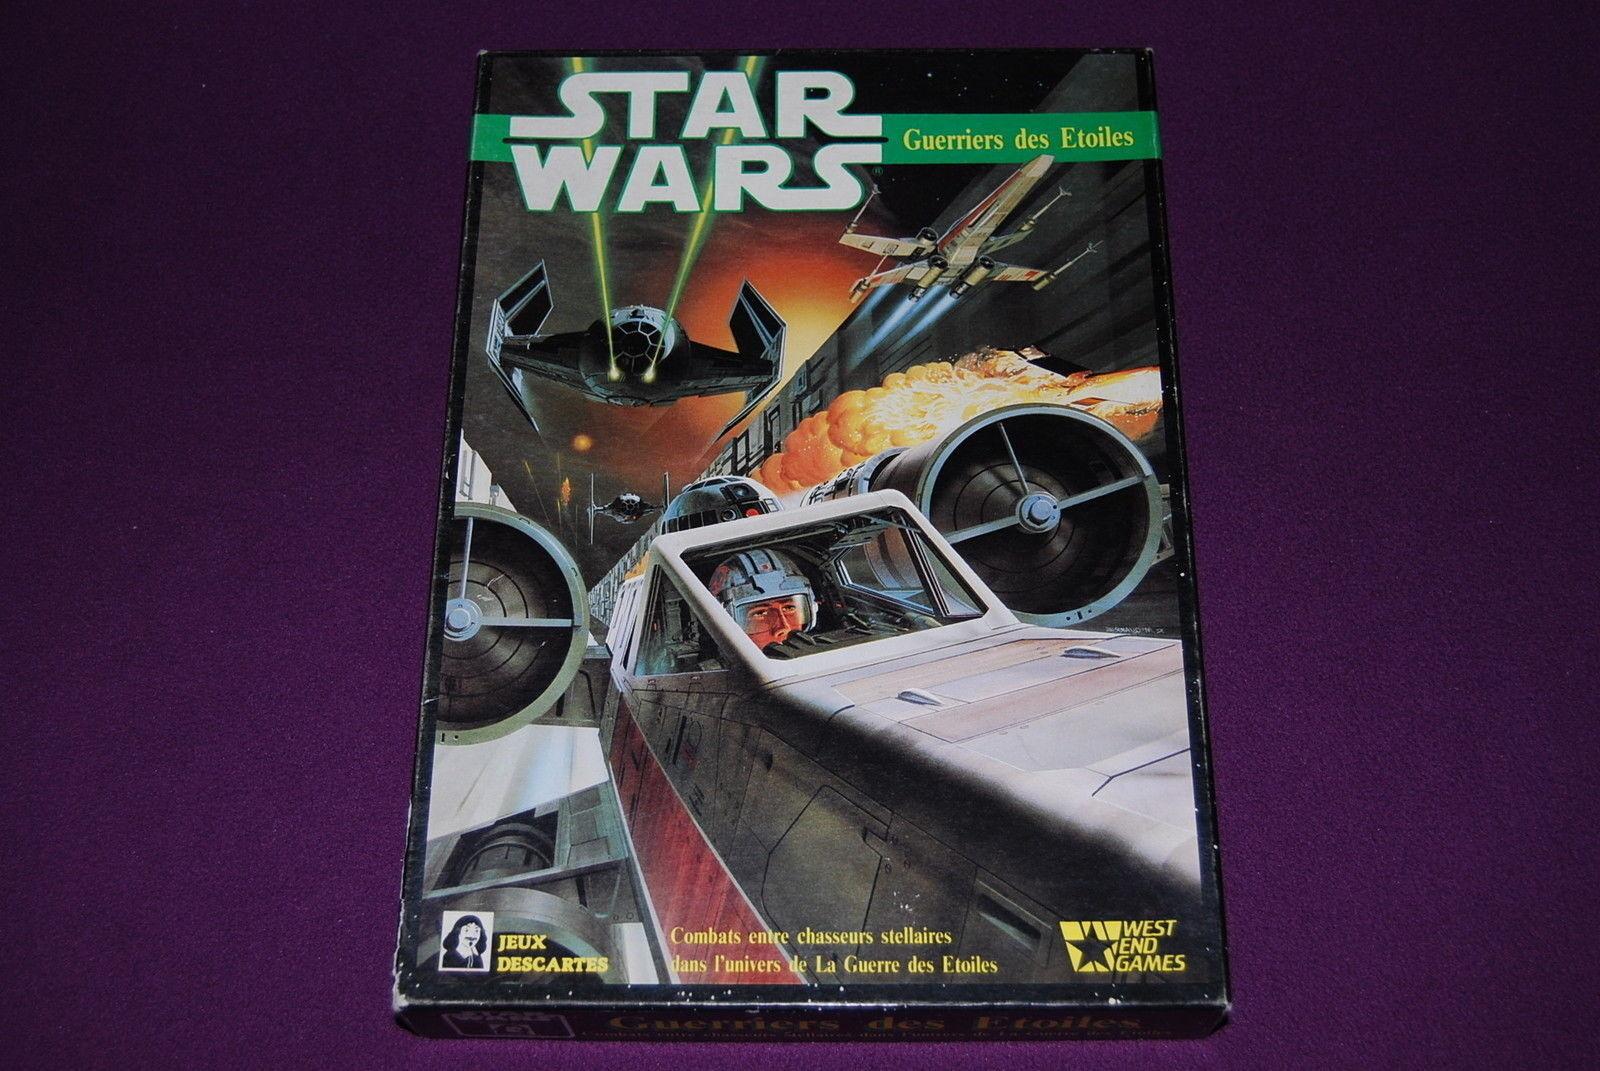 STAR WARS - Descartes - - - Guerriers des Etoiles   Combats Chasseurs Stellaires d3b6ef